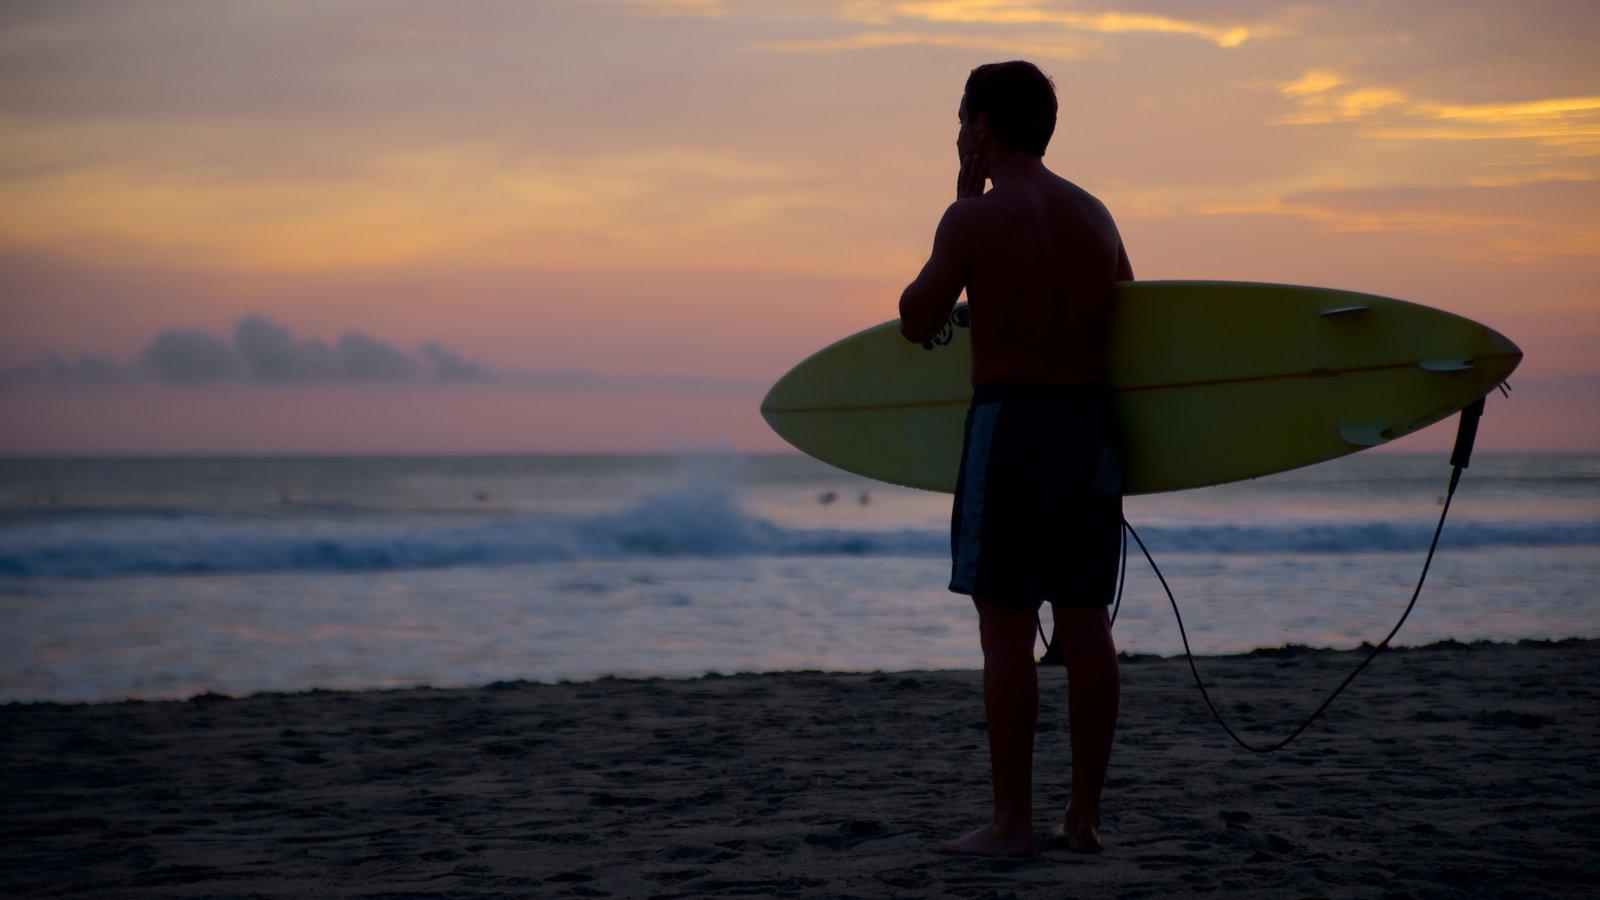 Puerto Escondido ofreciendo una puesta de sol, una playa de arena y surf